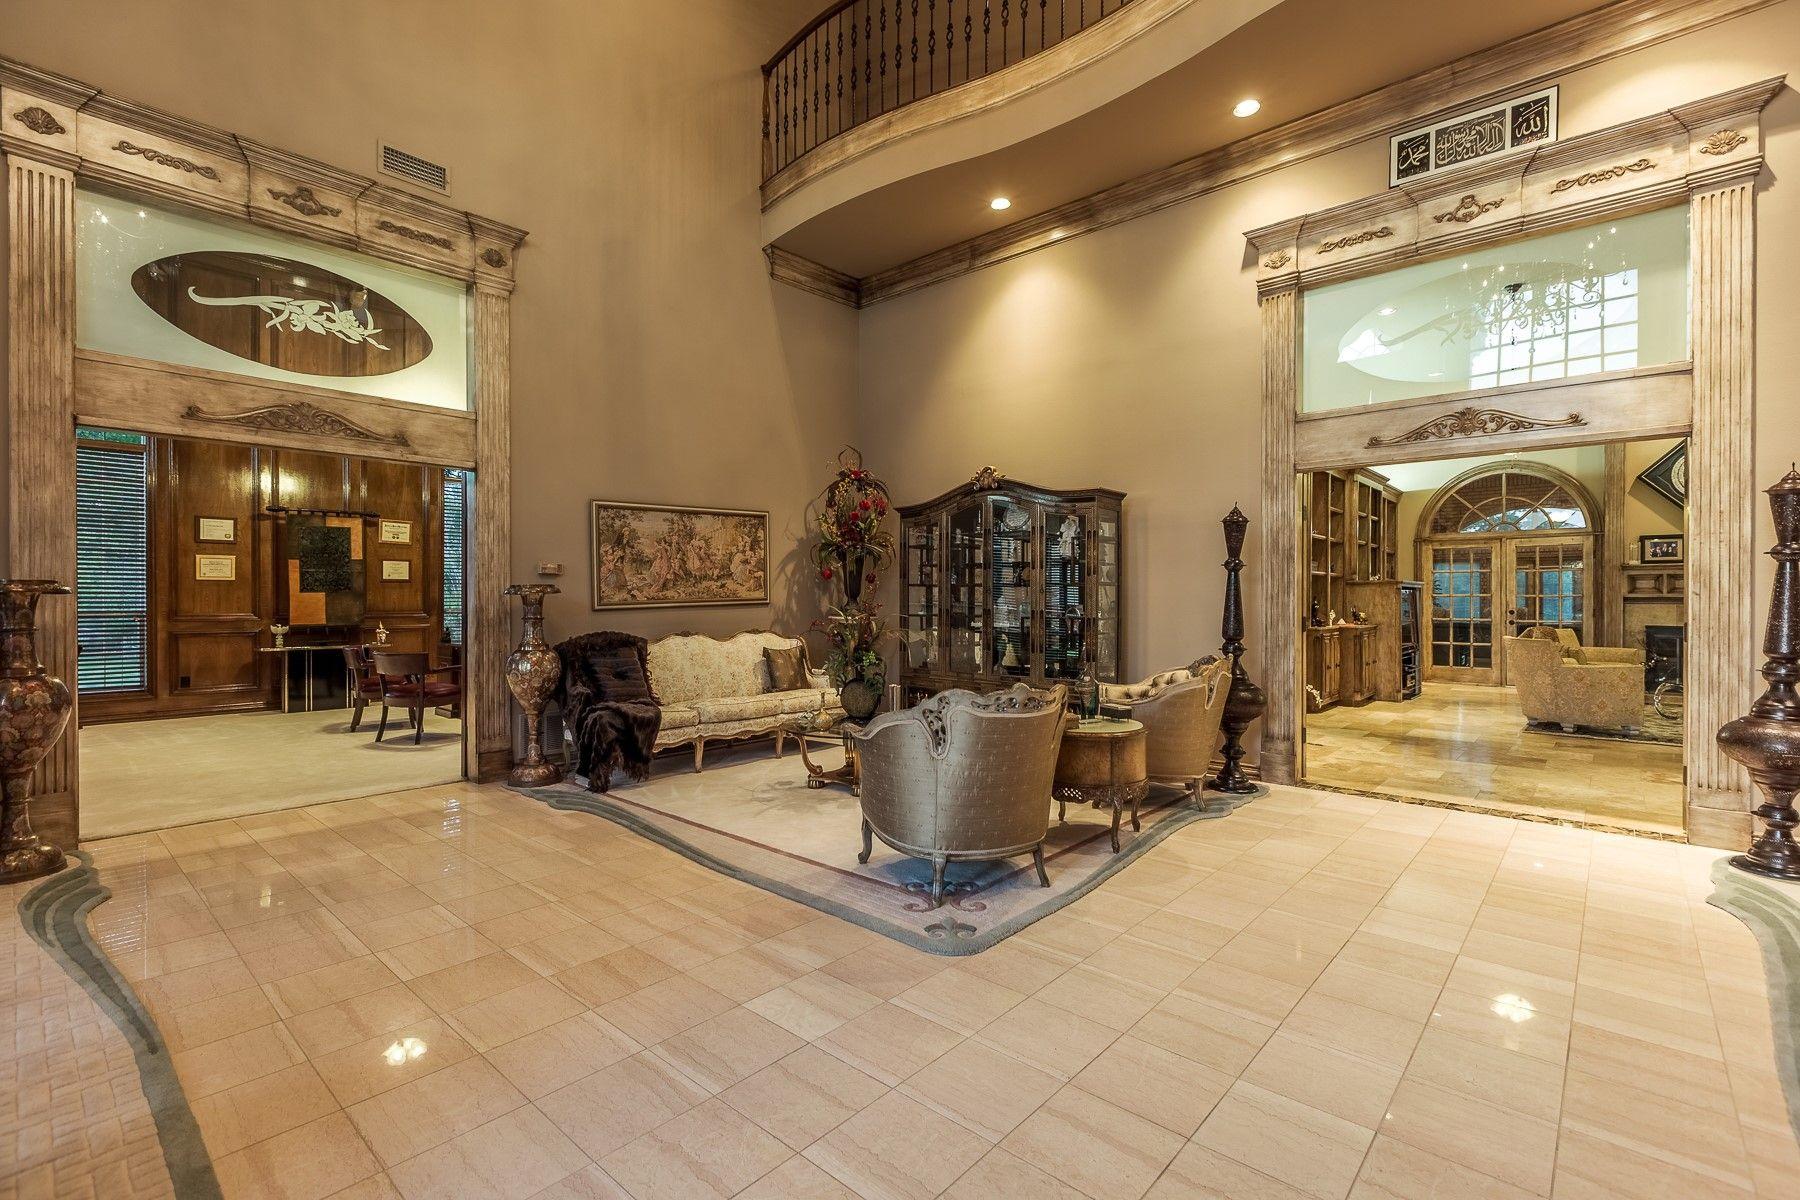 10 Home Place Court, Dalworthington Gardens, TX - USA (photo 4)